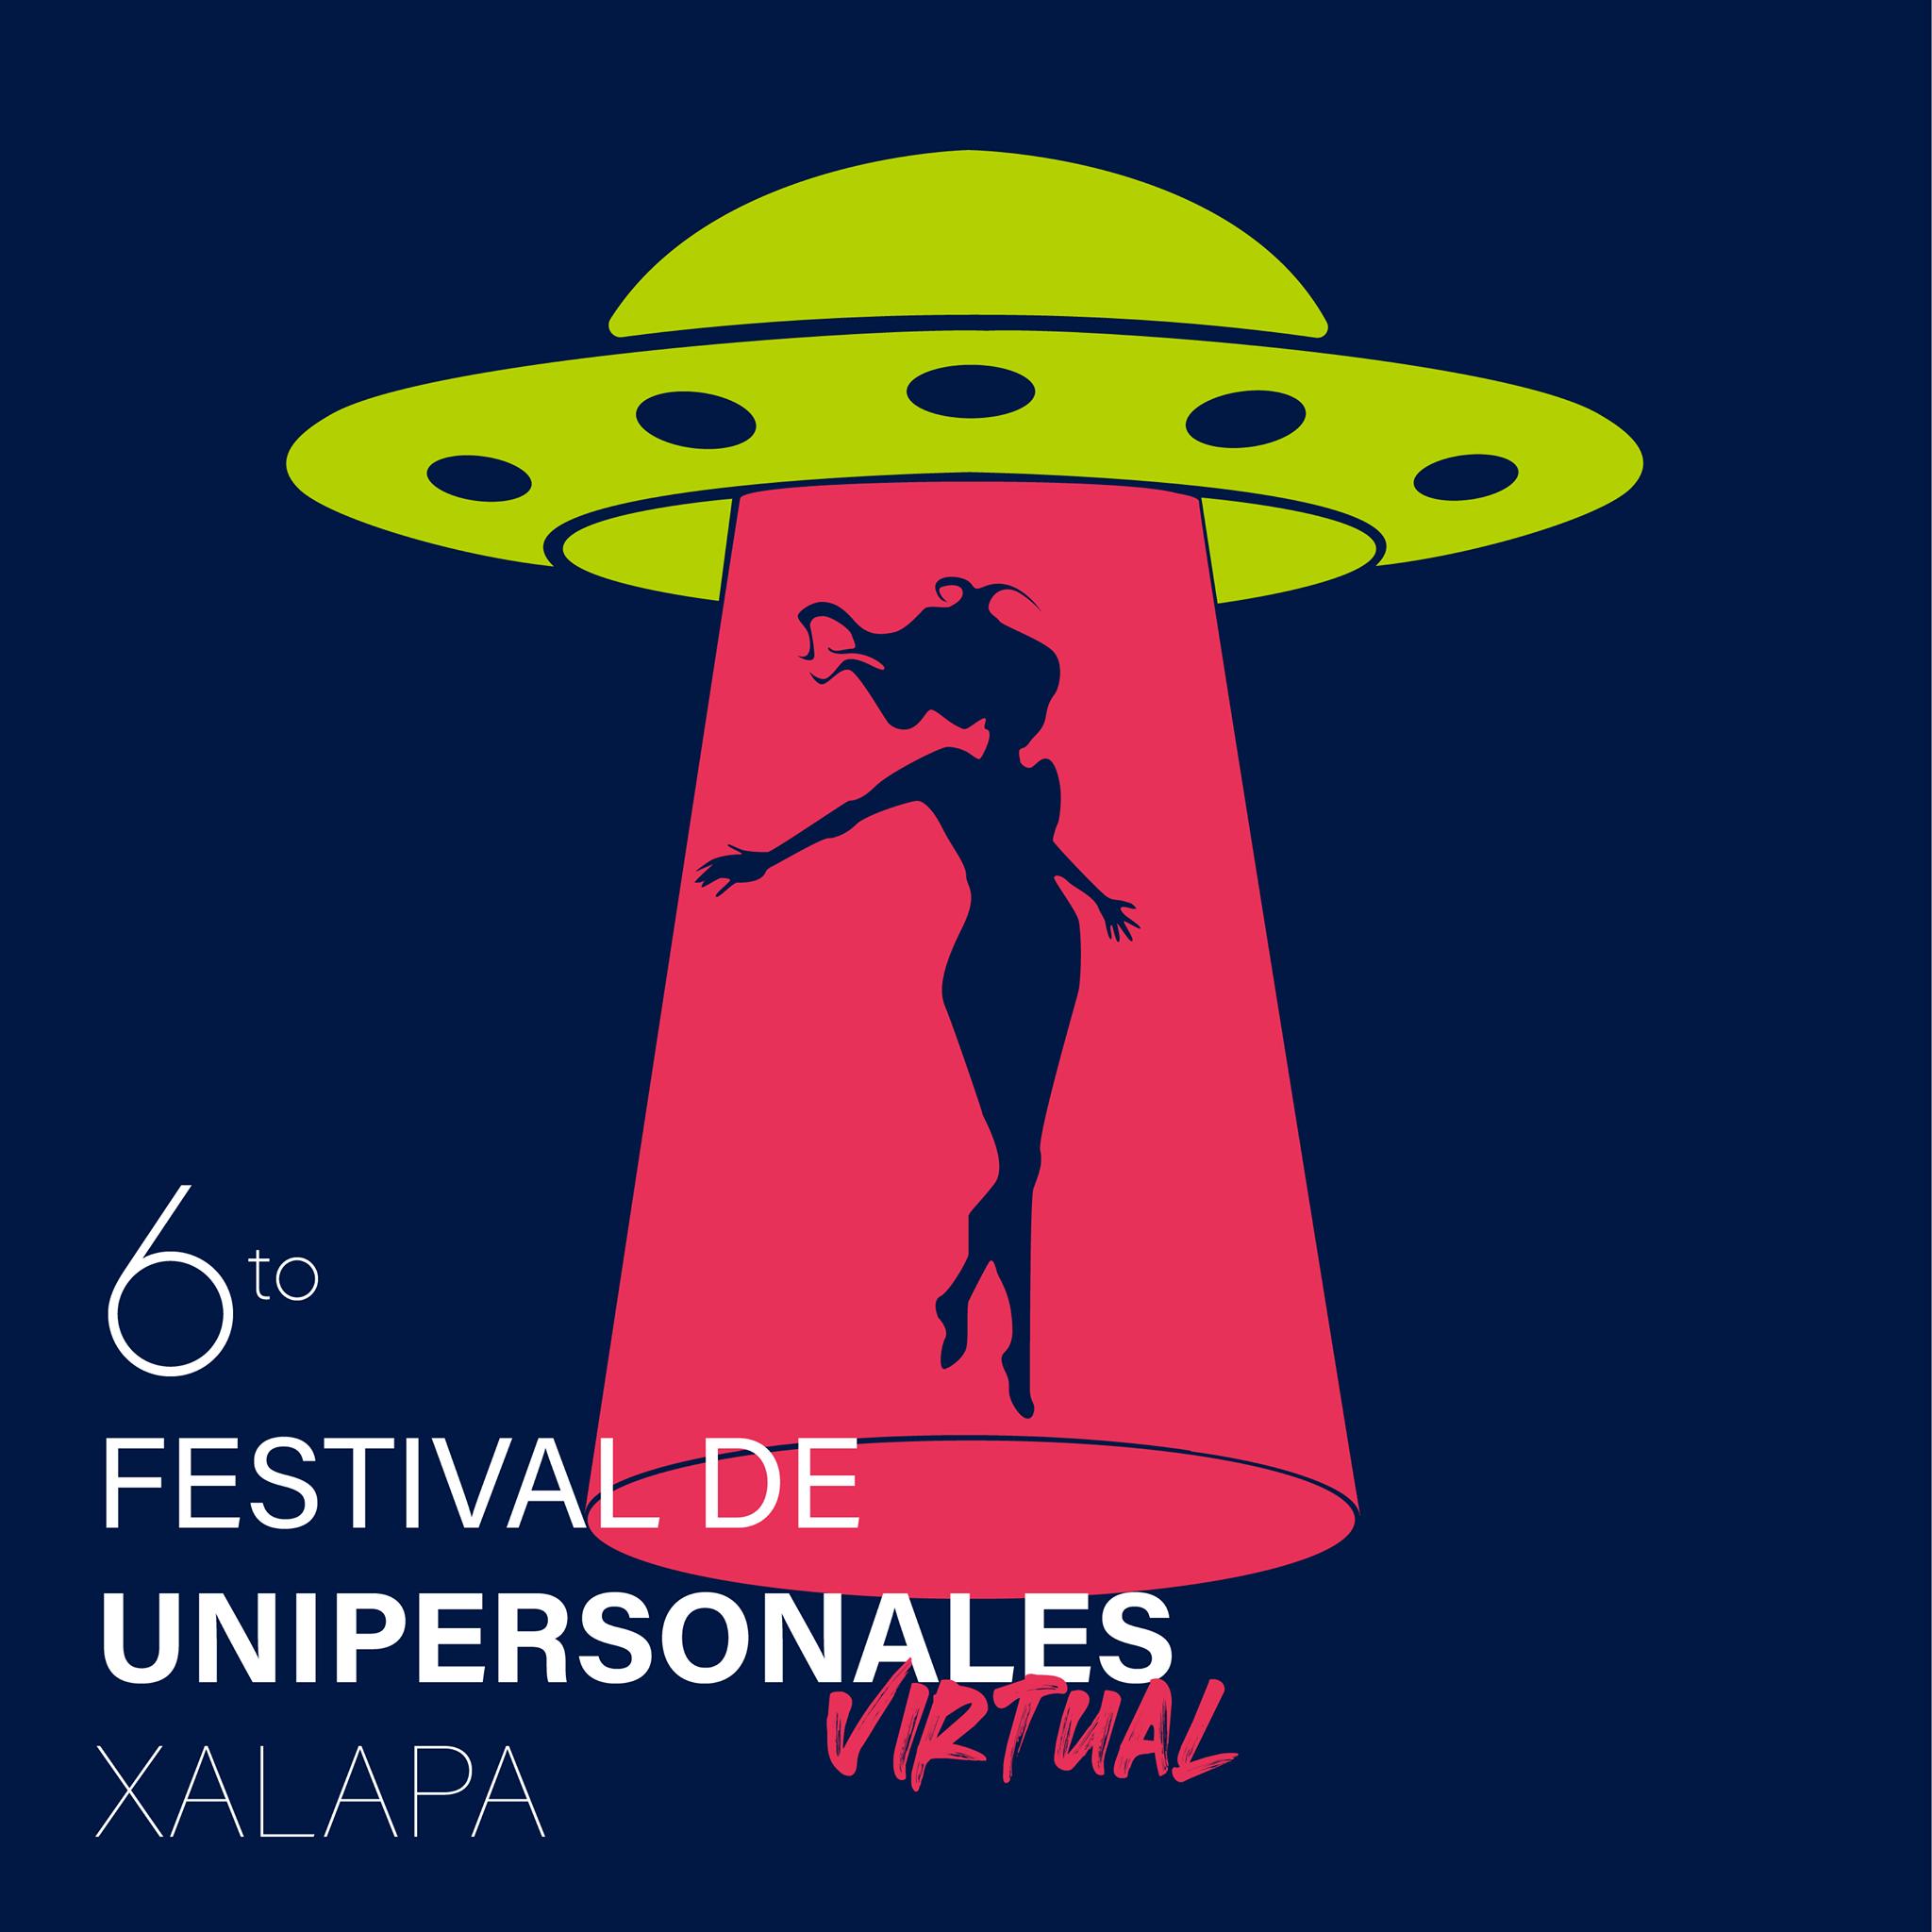 65. 6° Festival de Unipersonales